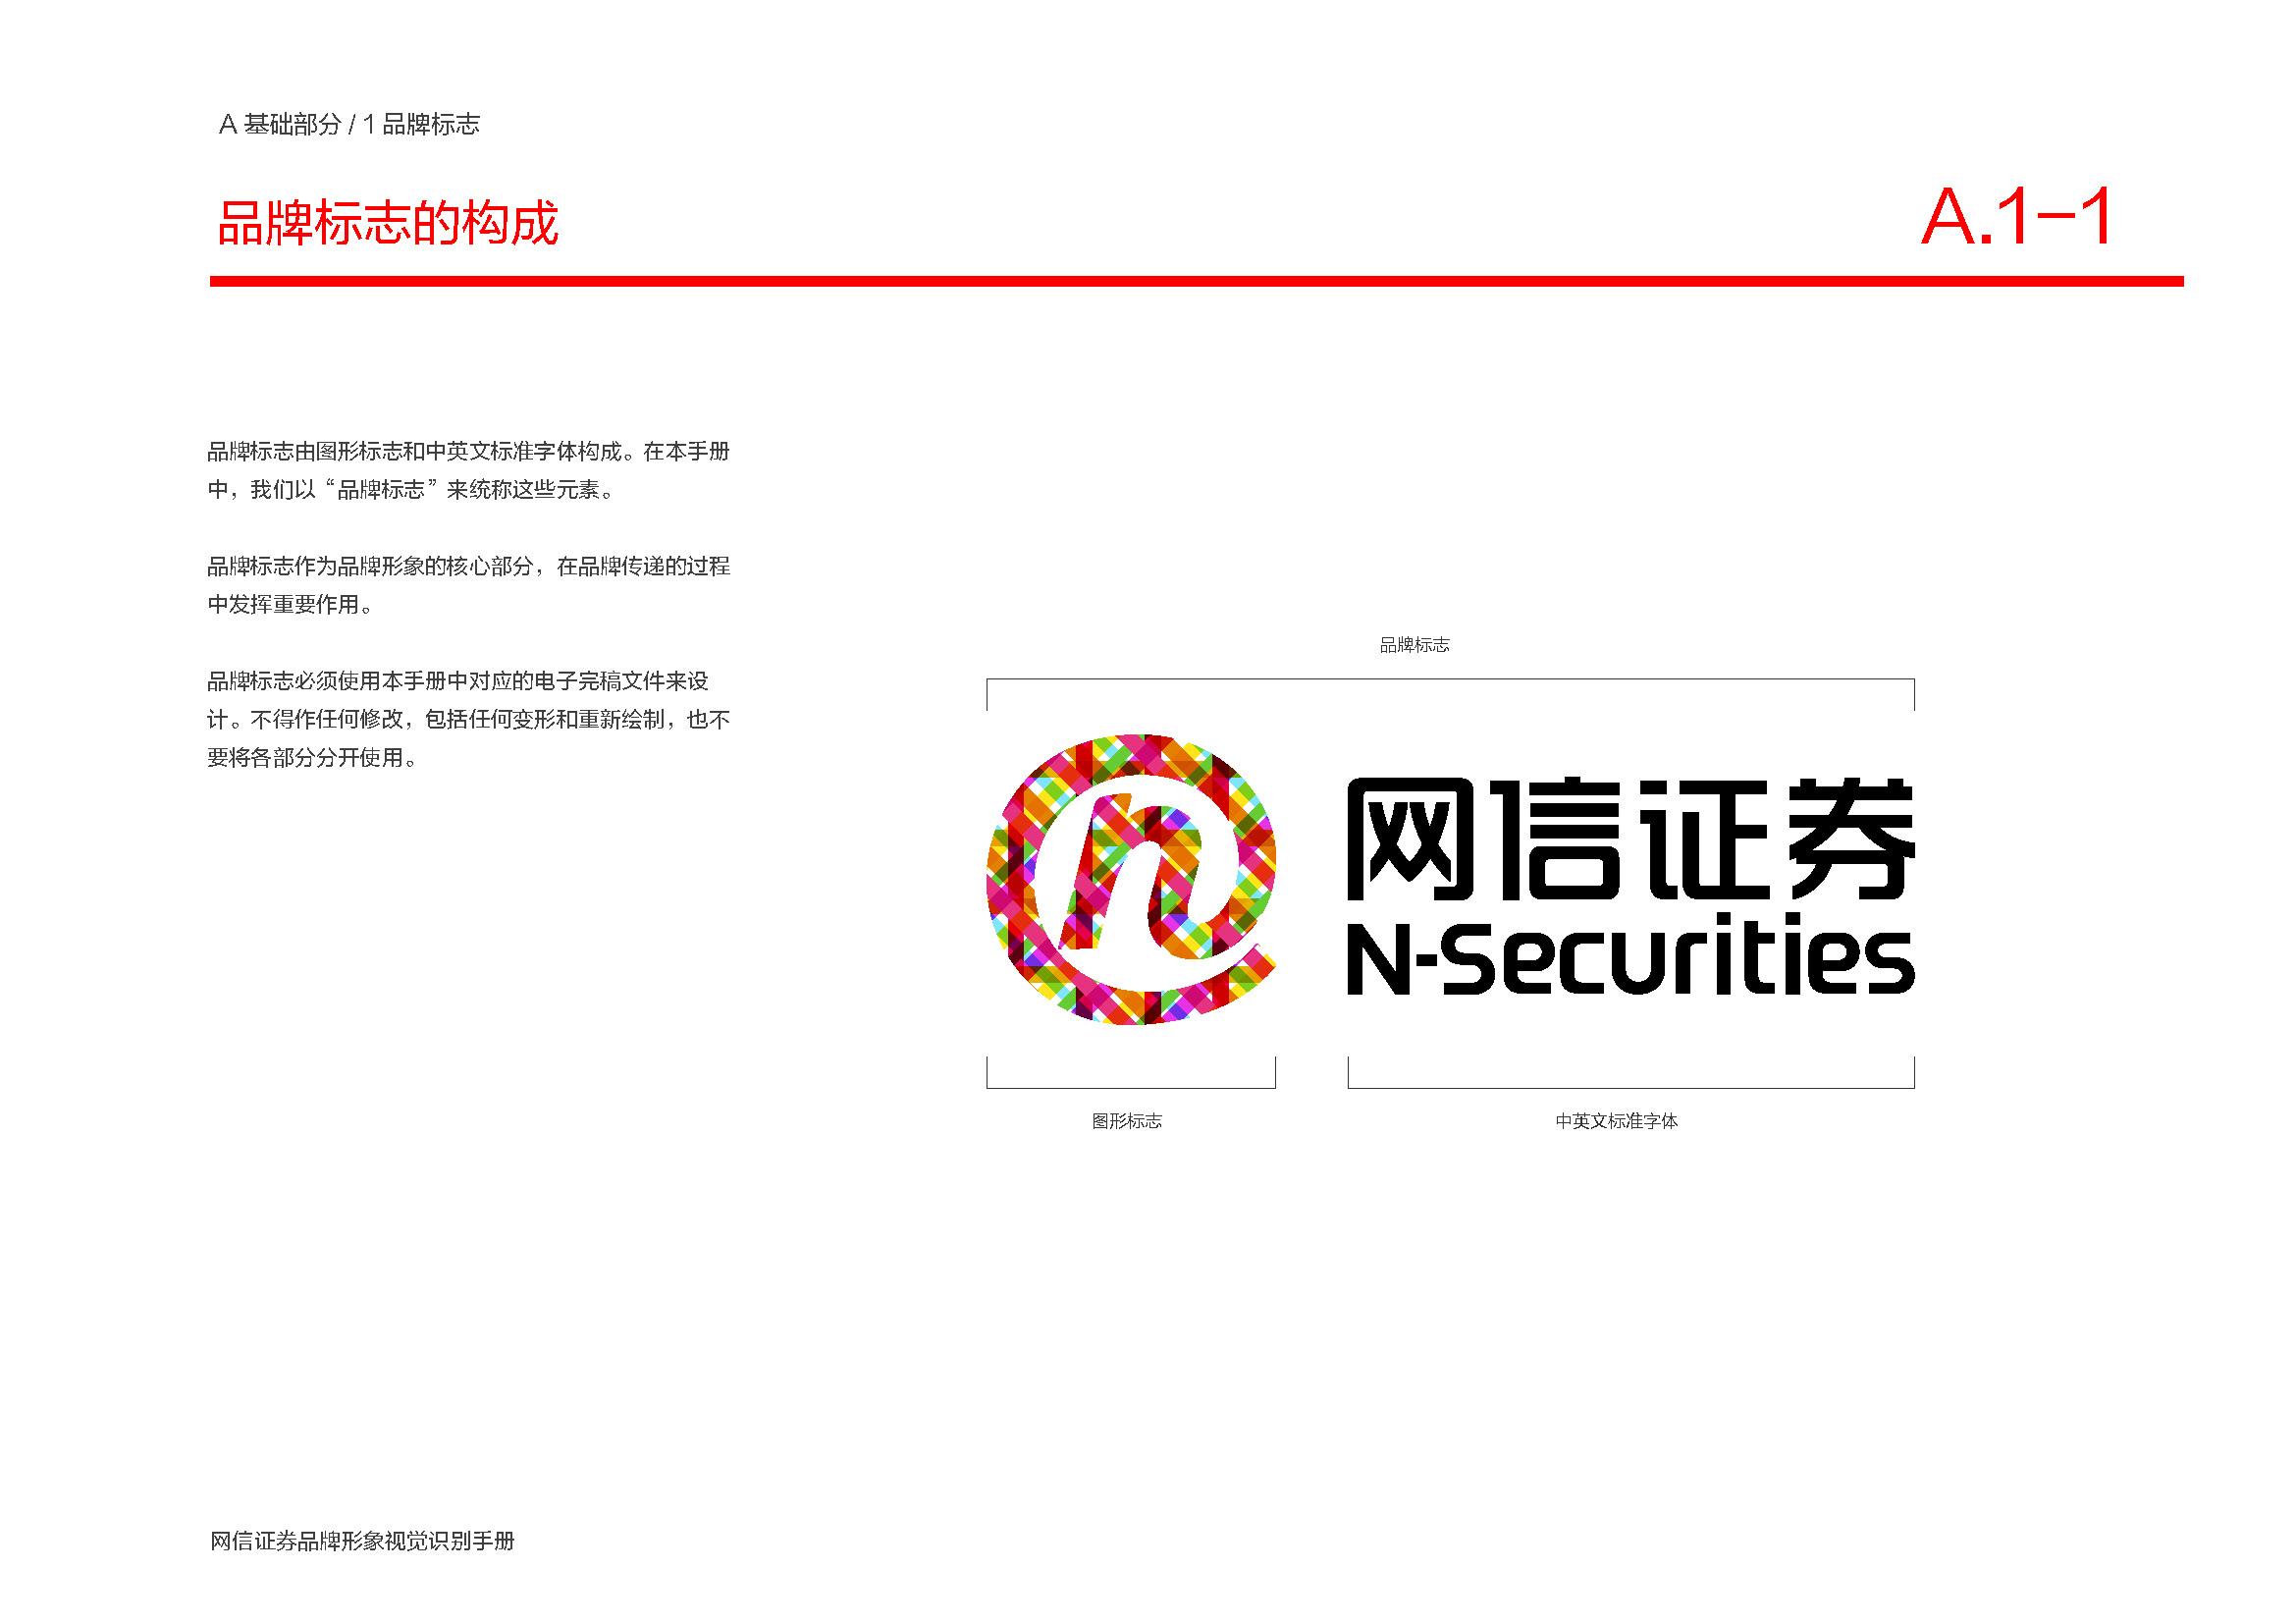 网信证券VI